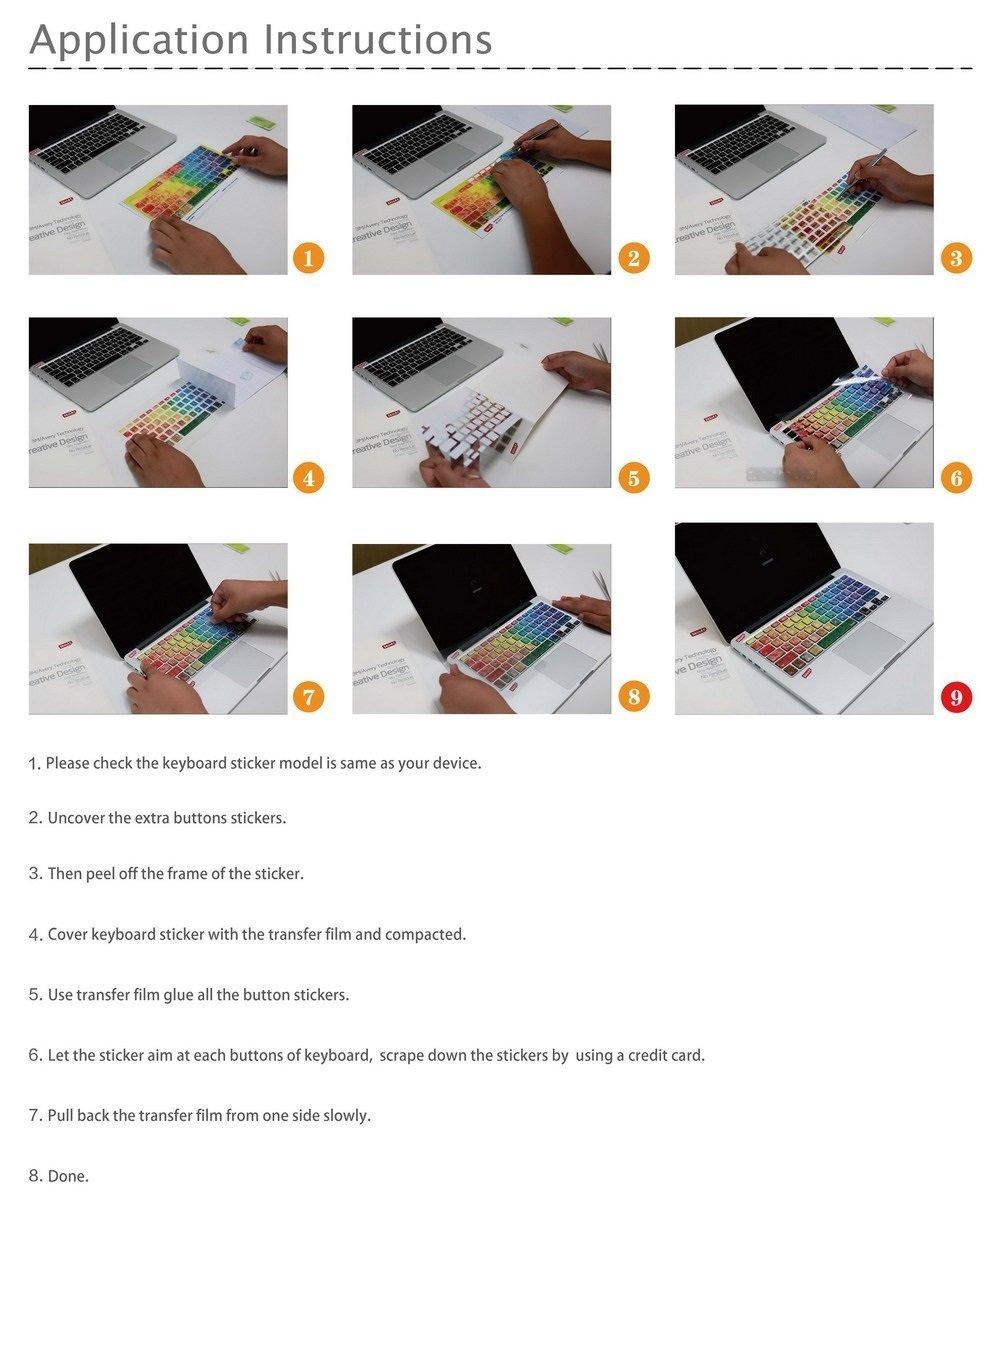 Xiton Autocollant de d/écalque Clavier macbook macbook Couverture Clavier Macbook Pro Keyboard Skin Macbook Air Clavier Autocollant d/écalcomanie macbook